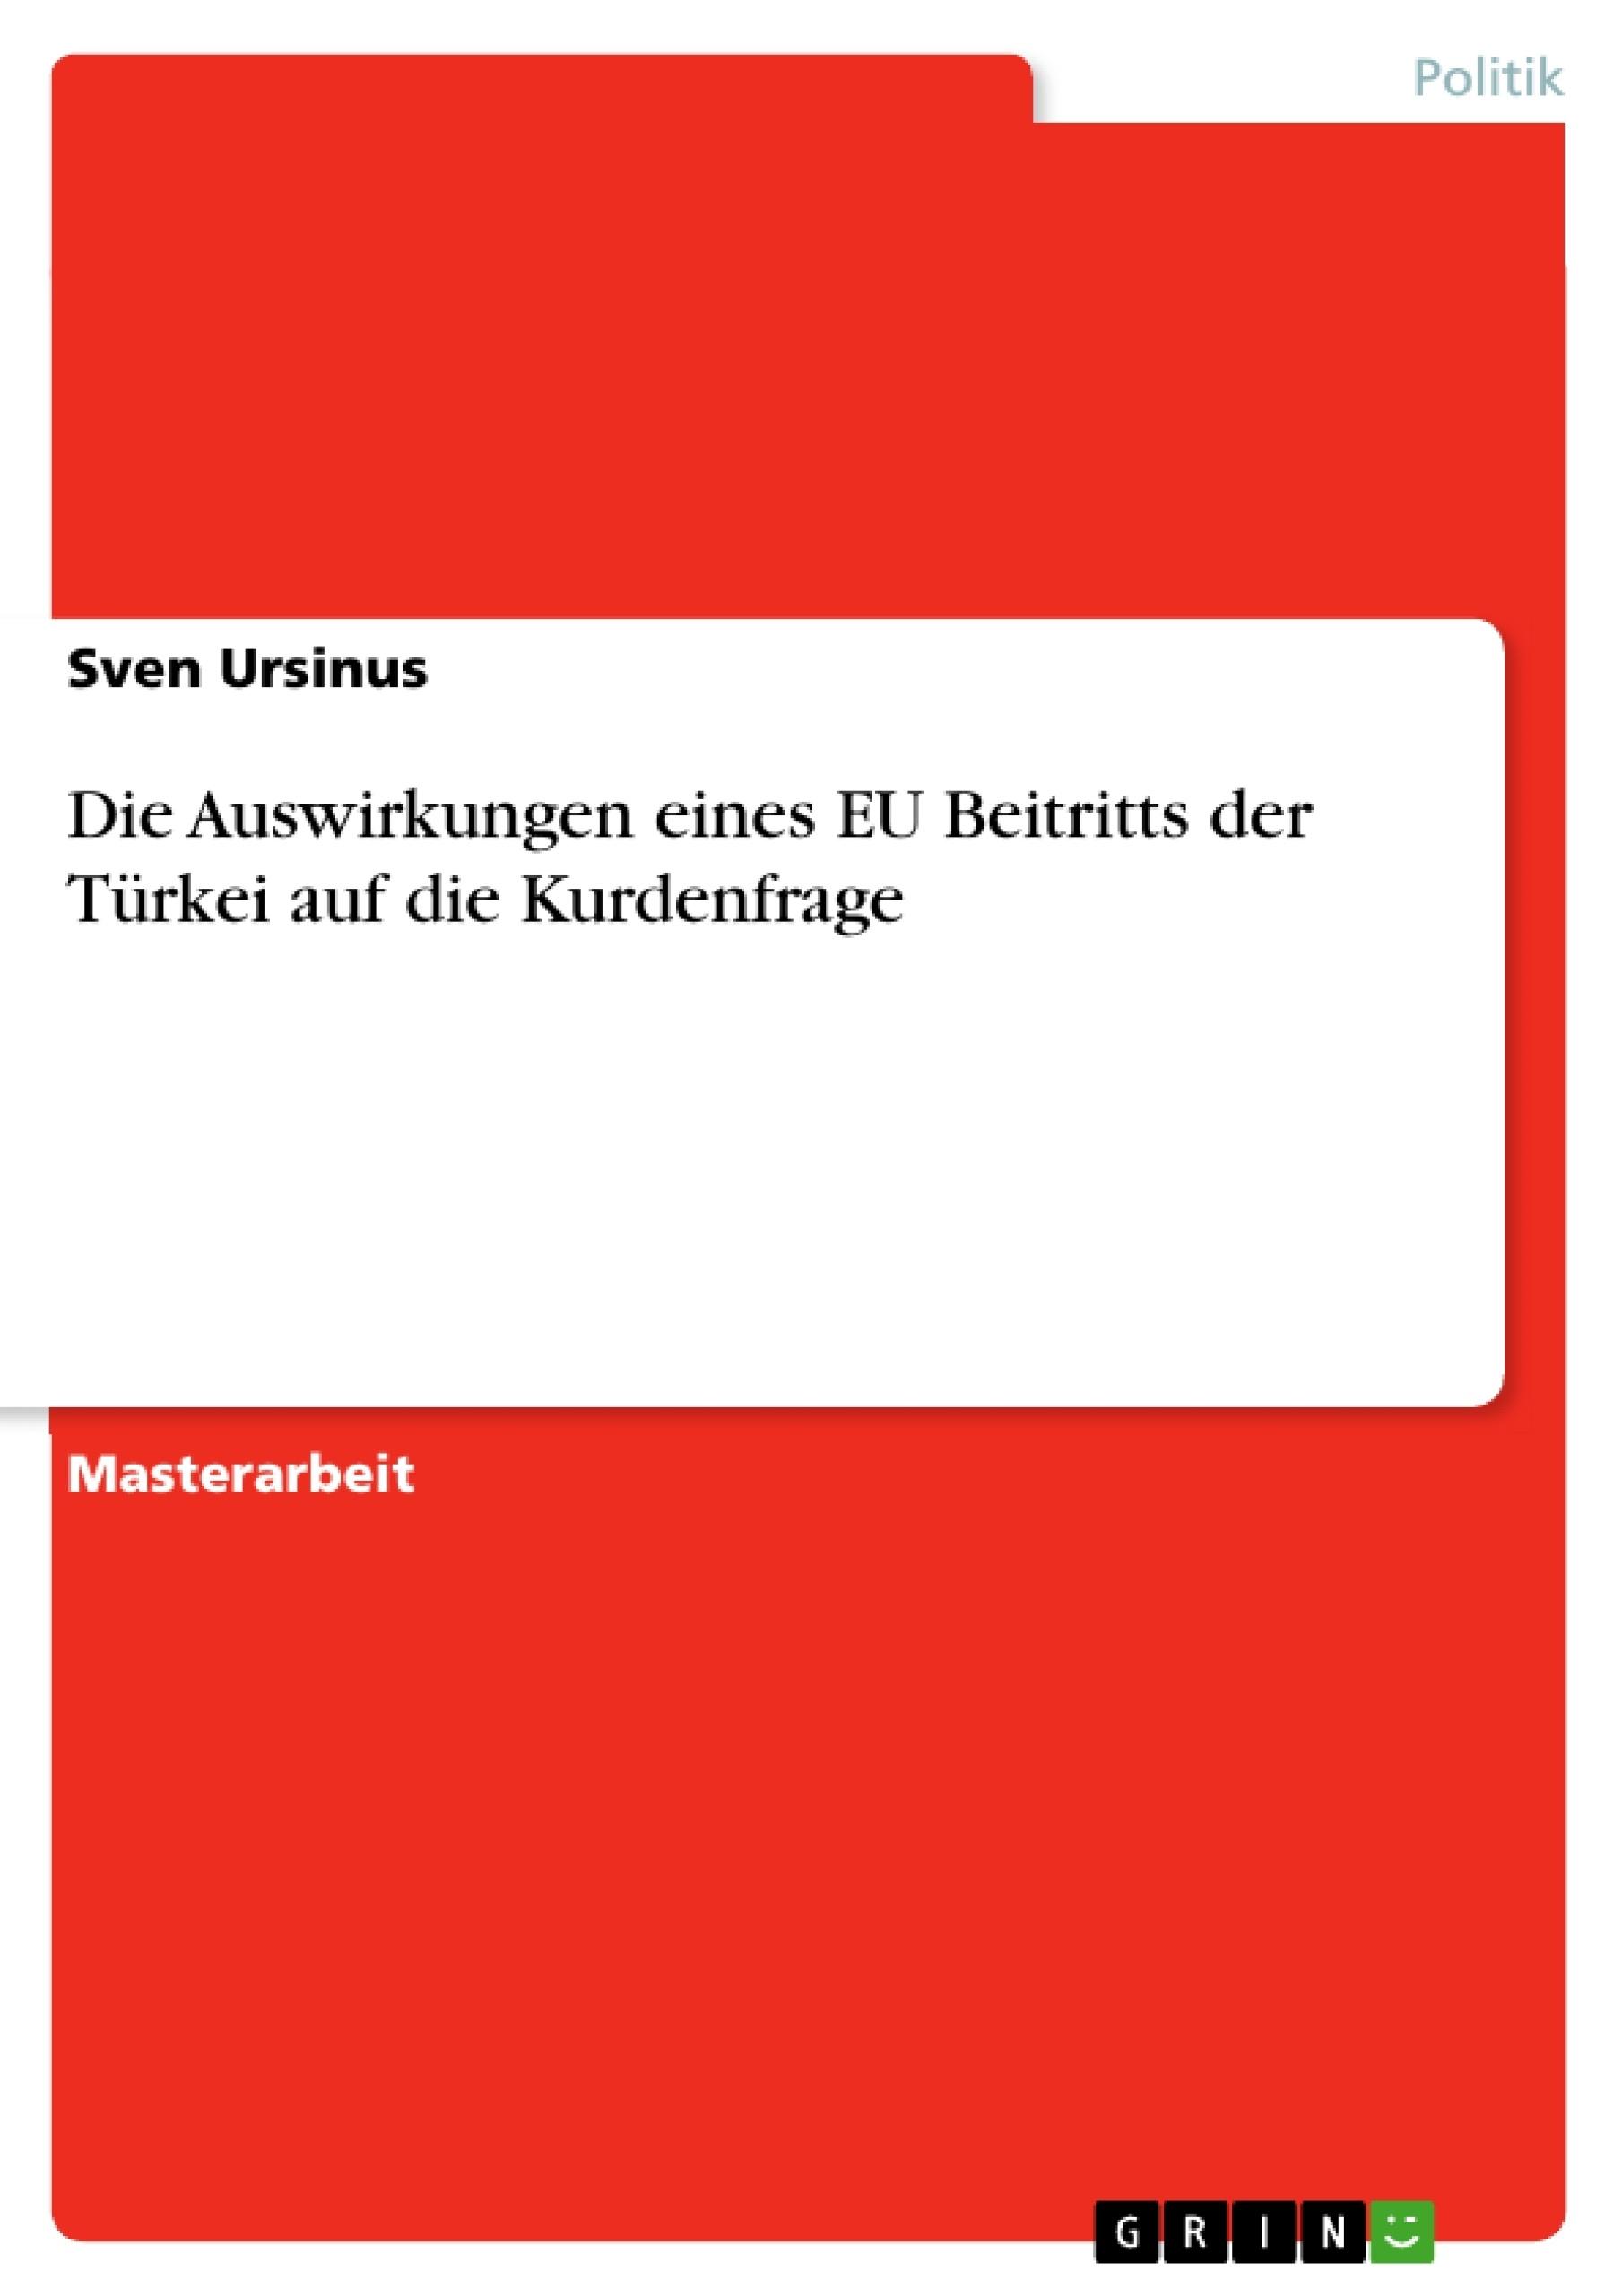 Titel: Die Auswirkungen eines EU Beitritts der Türkei auf die Kurdenfrage